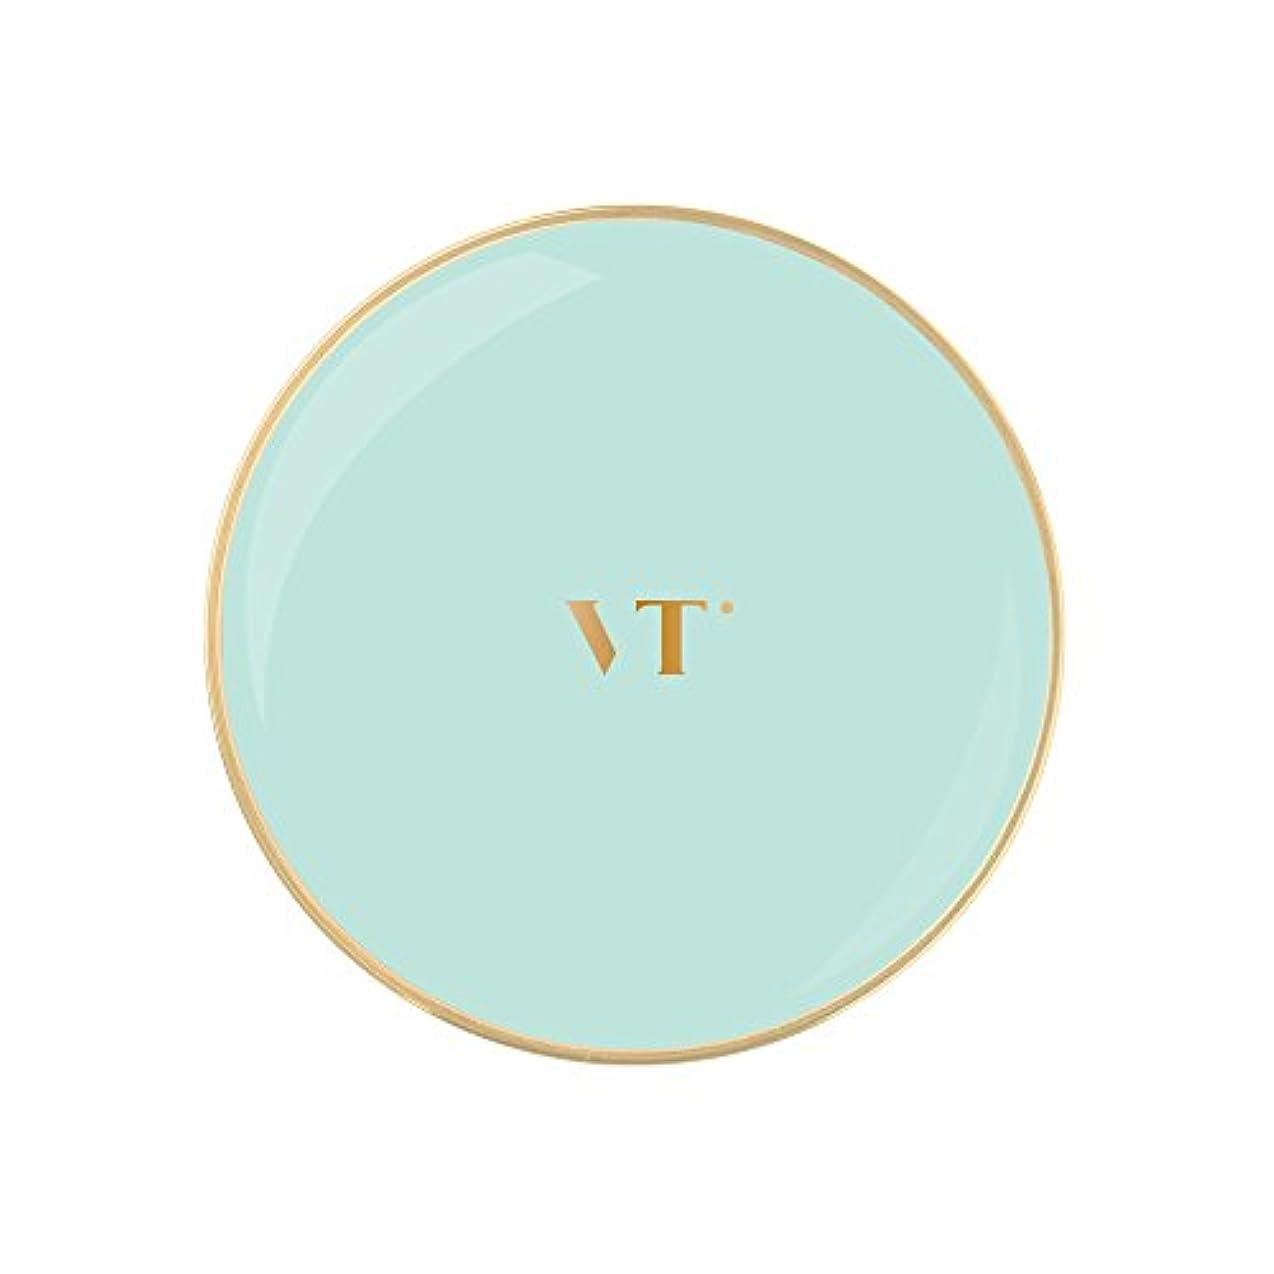 寄託スキル心理的VT Blue Collagen Pact 11g/ブイティー ブルー コラーゲン パクト 11g (#23) [並行輸入品]